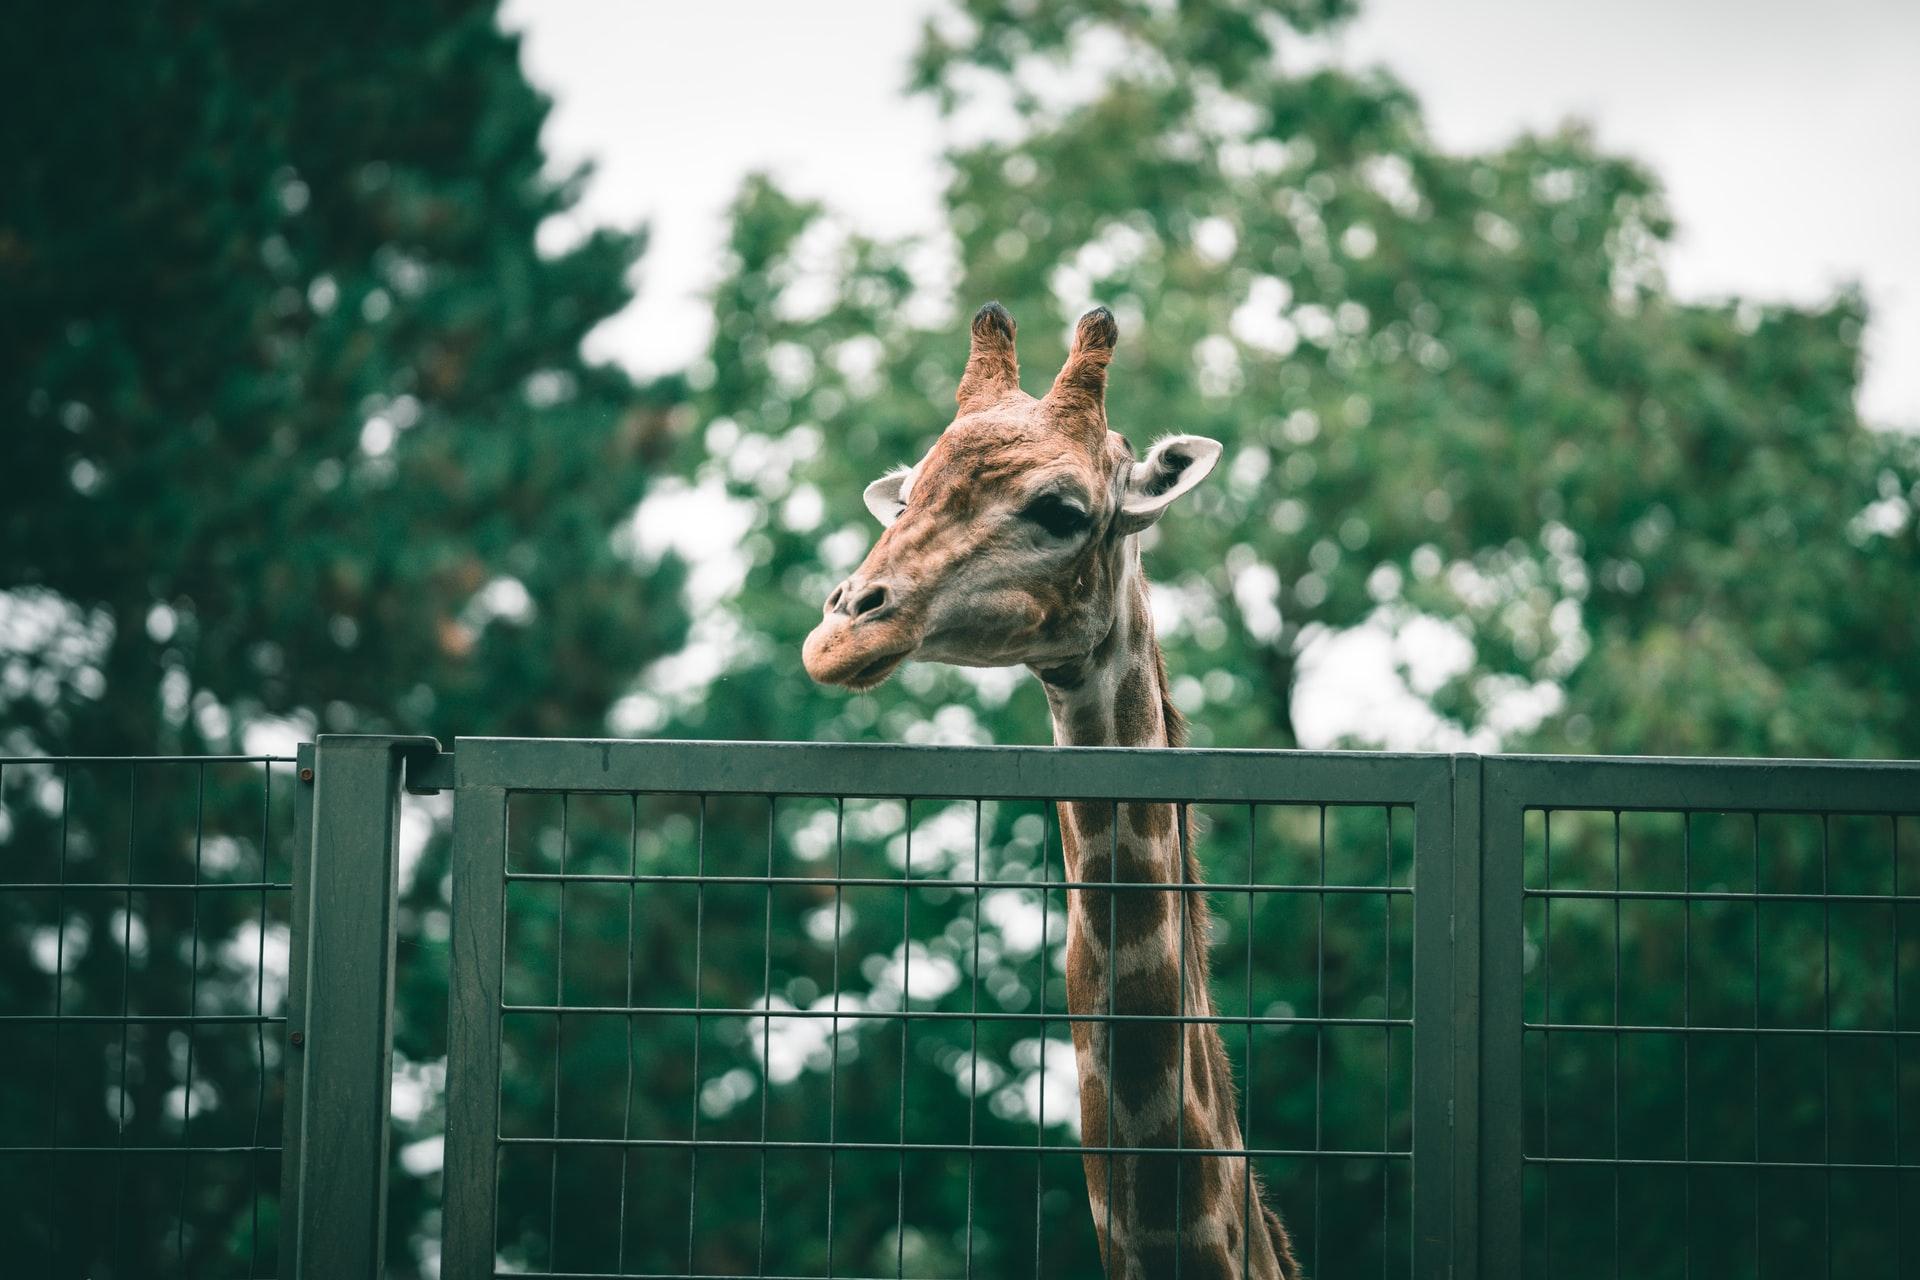 Girafa no zoológico